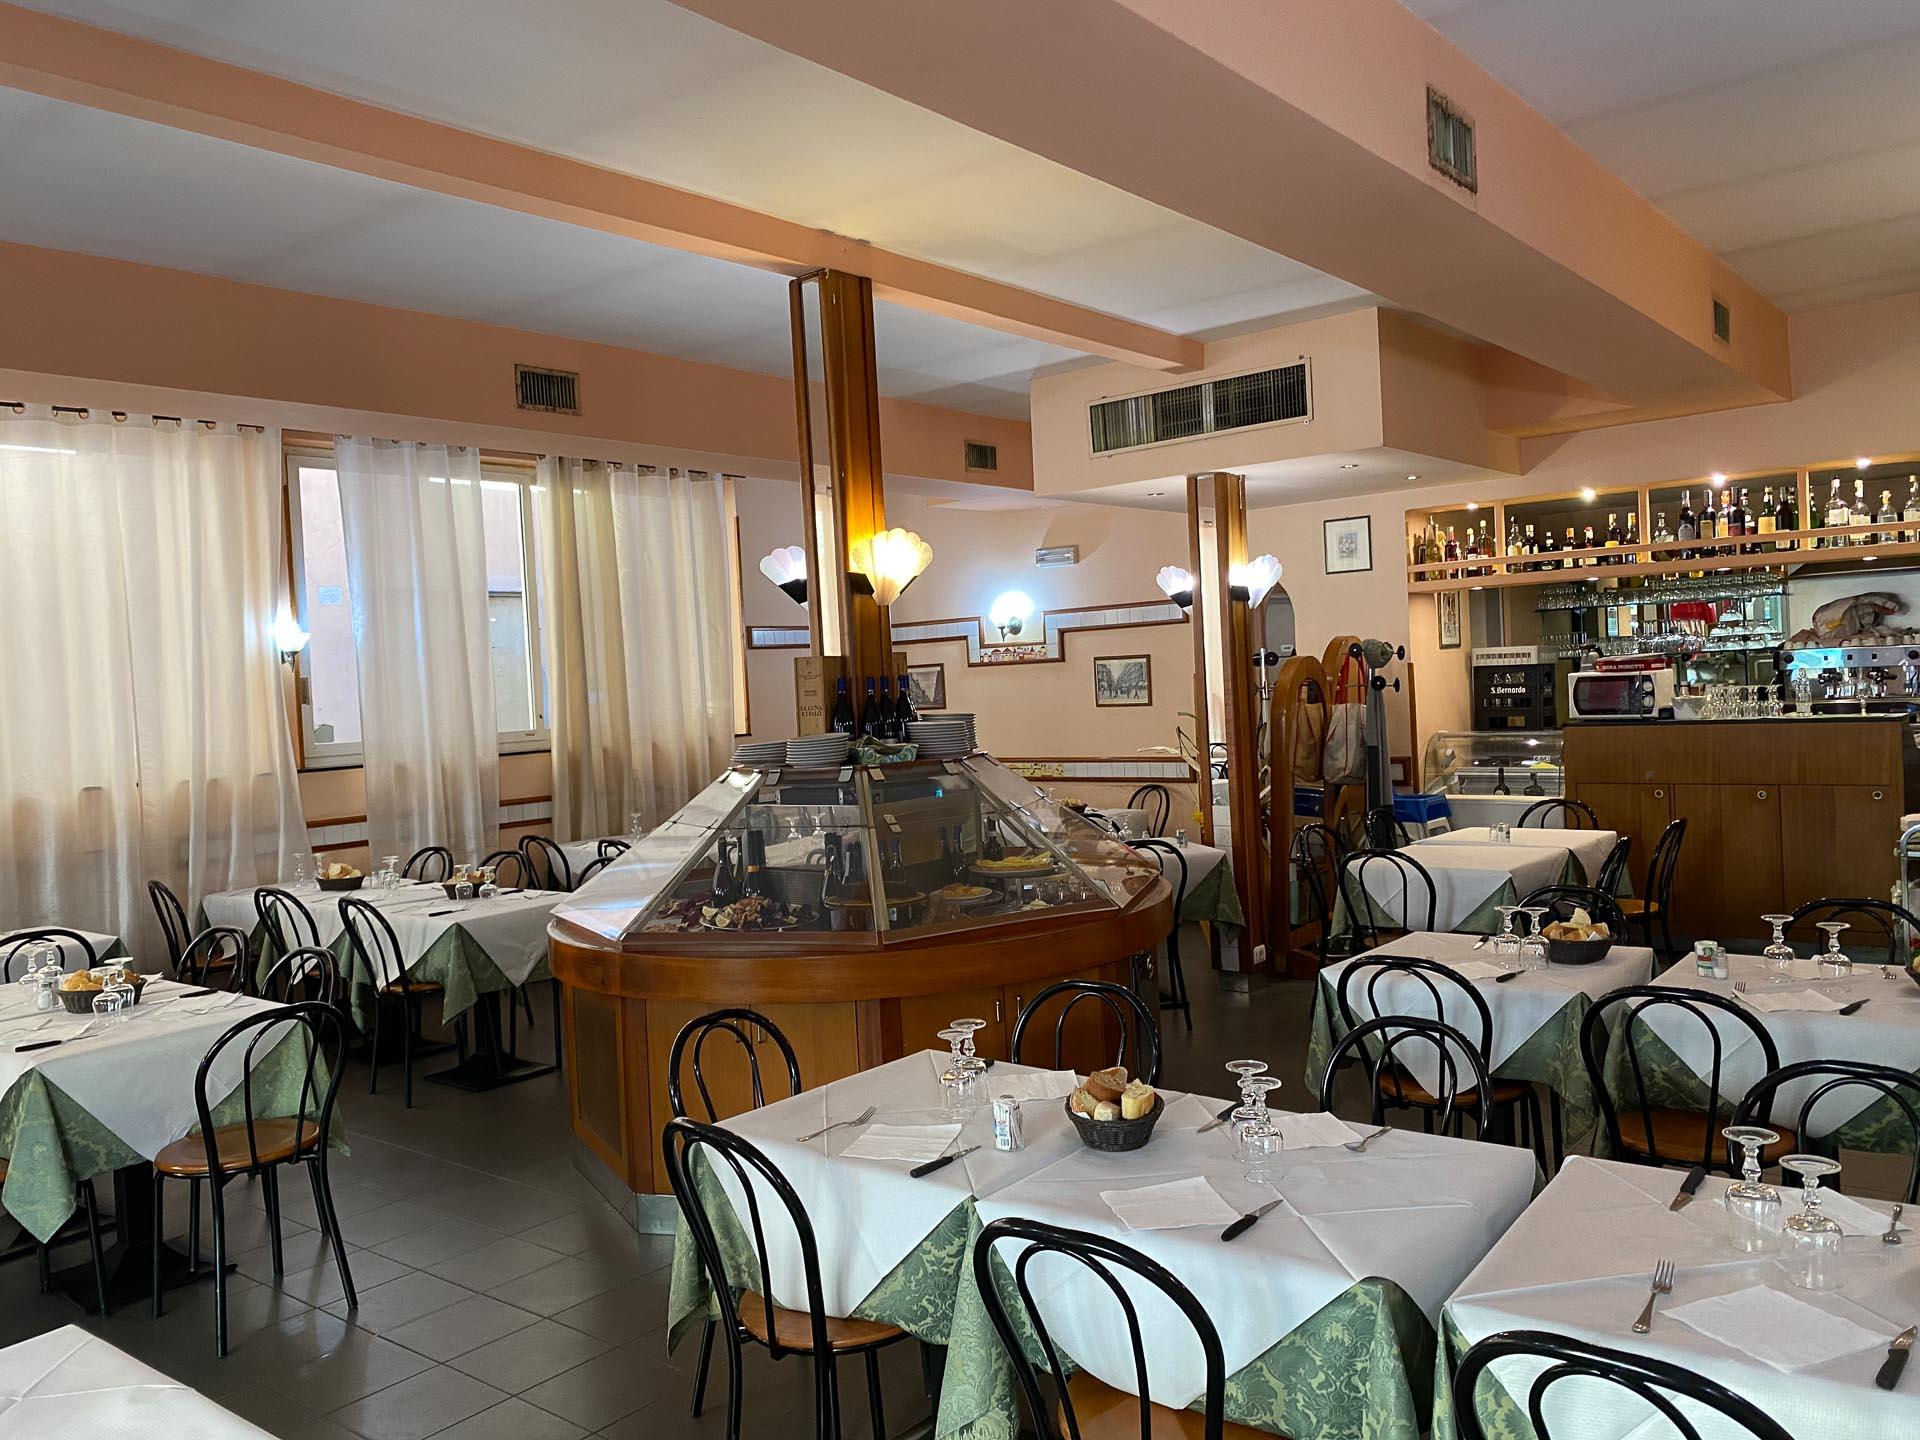 Pizzeria O Sole Mio Genova-22